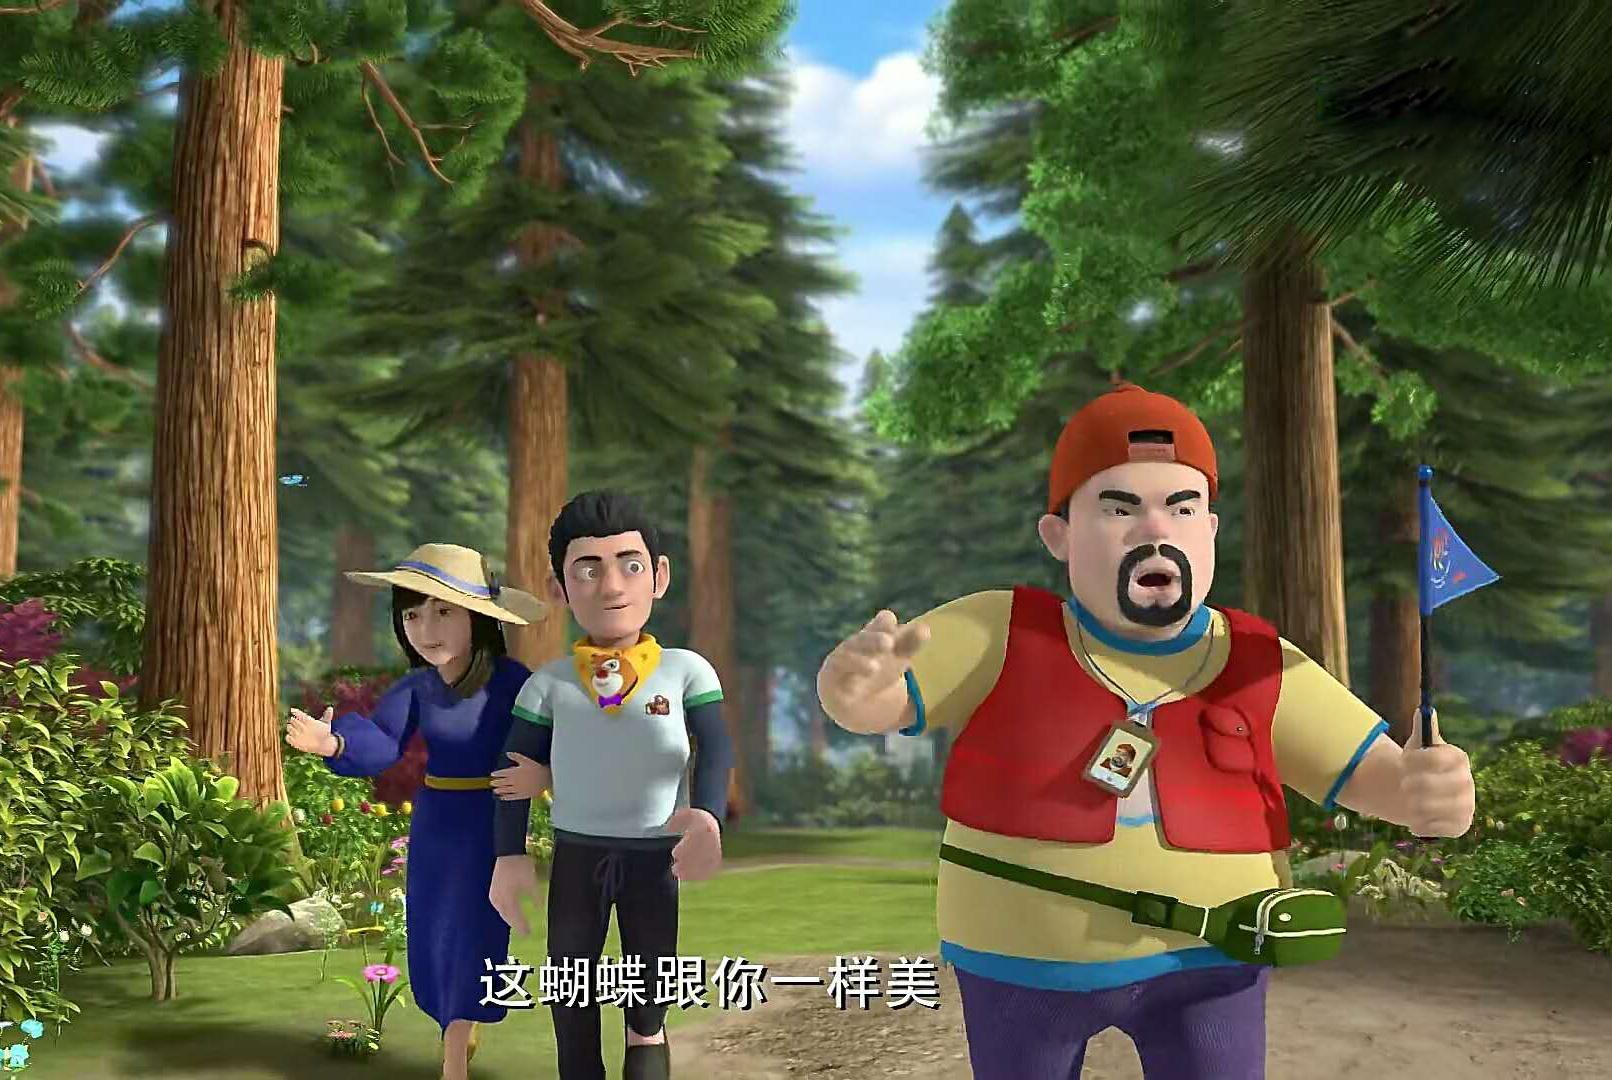 熊出没:光头强只是当导游?其实他是背后的大老板,你注意到了?